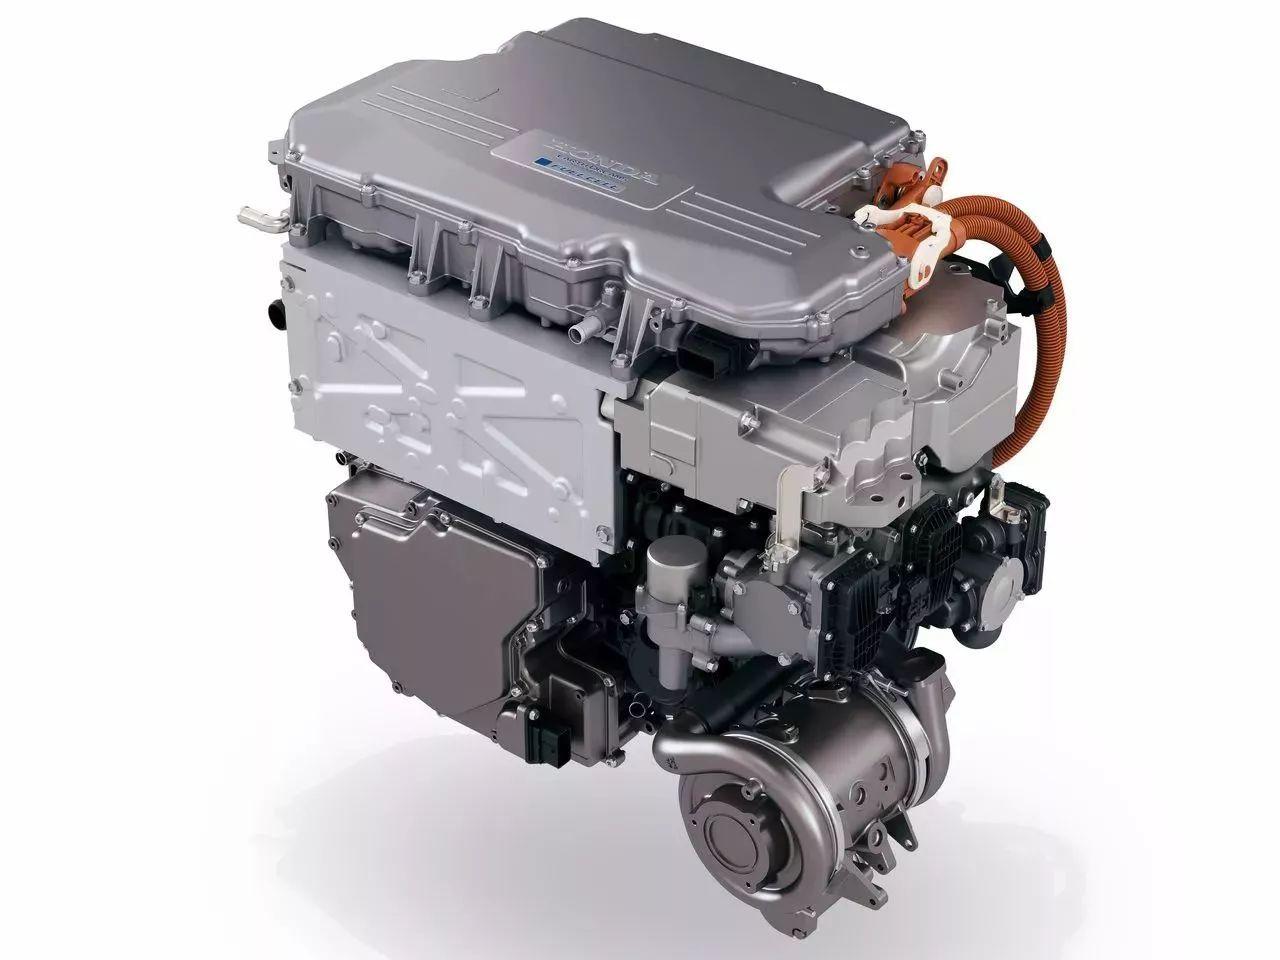 加氢三分钟续航750km 本田氢燃料电池车clarity即将开售